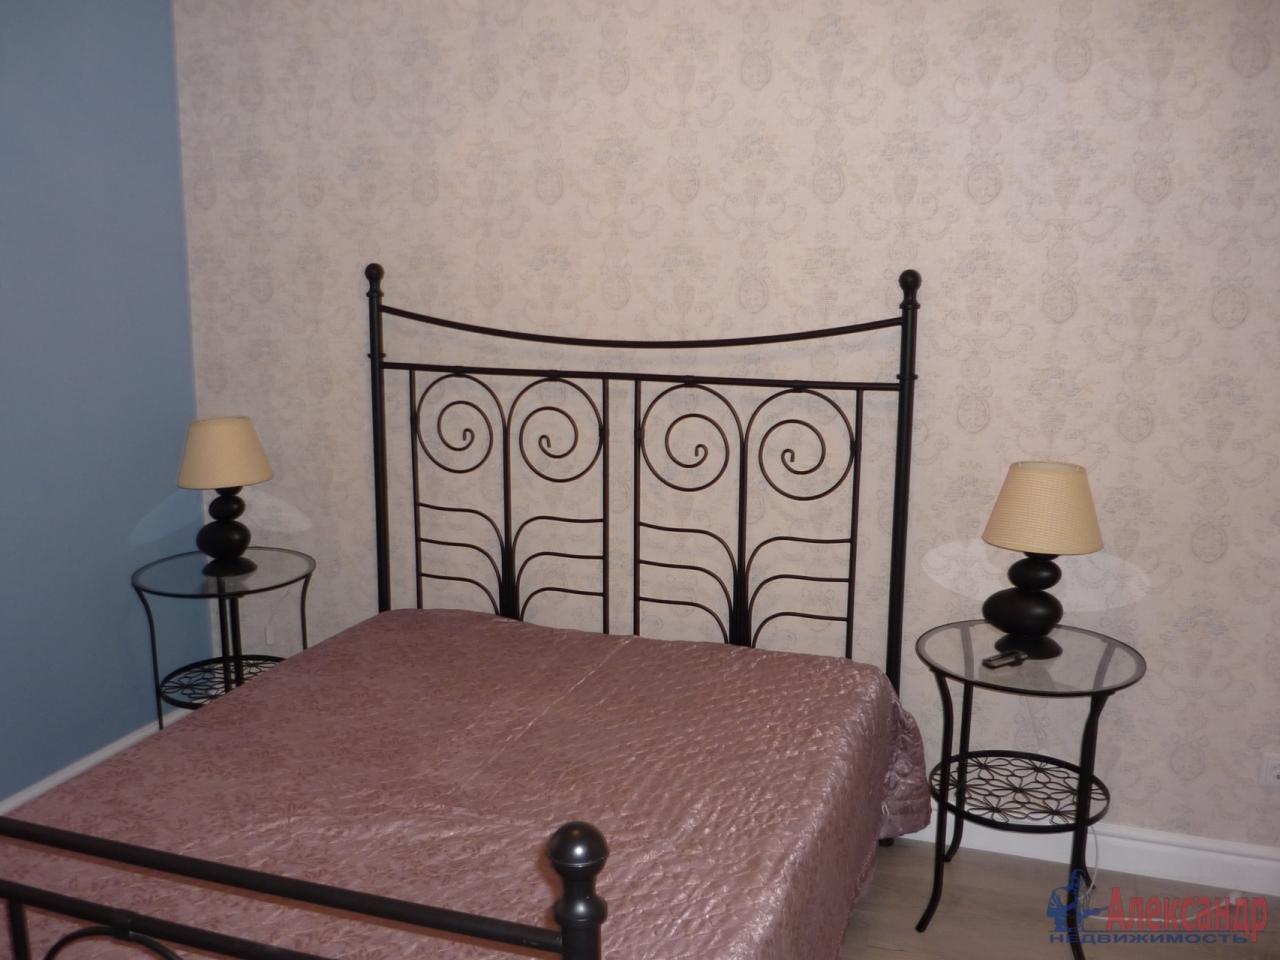 2-комнатная квартира (72м2) в аренду по адресу Кременчугская ул., 9— фото 7 из 17